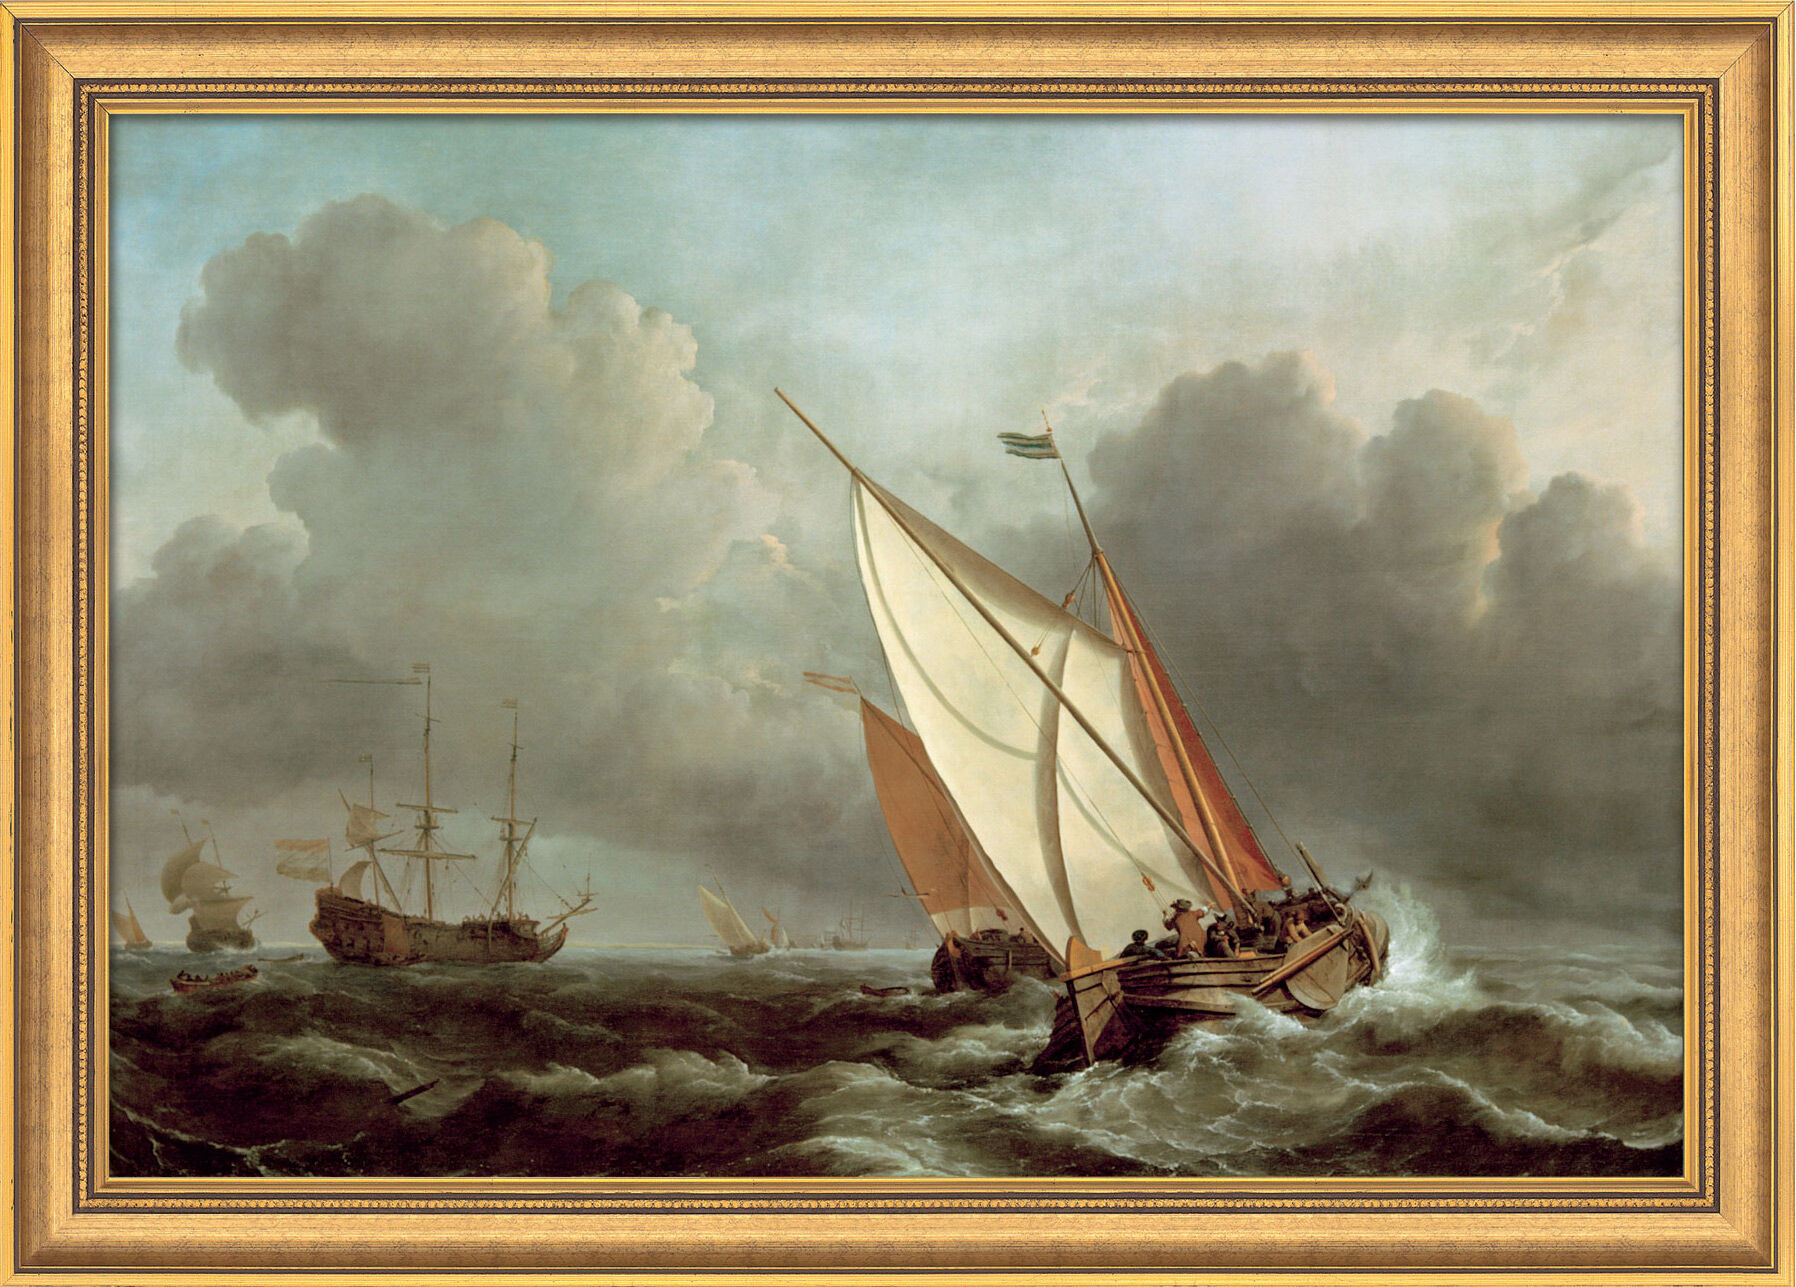 """Willem van de Velde: Bild """"Schiff in stürmischer See"""" (1671), gerahmt - ars mundi"""